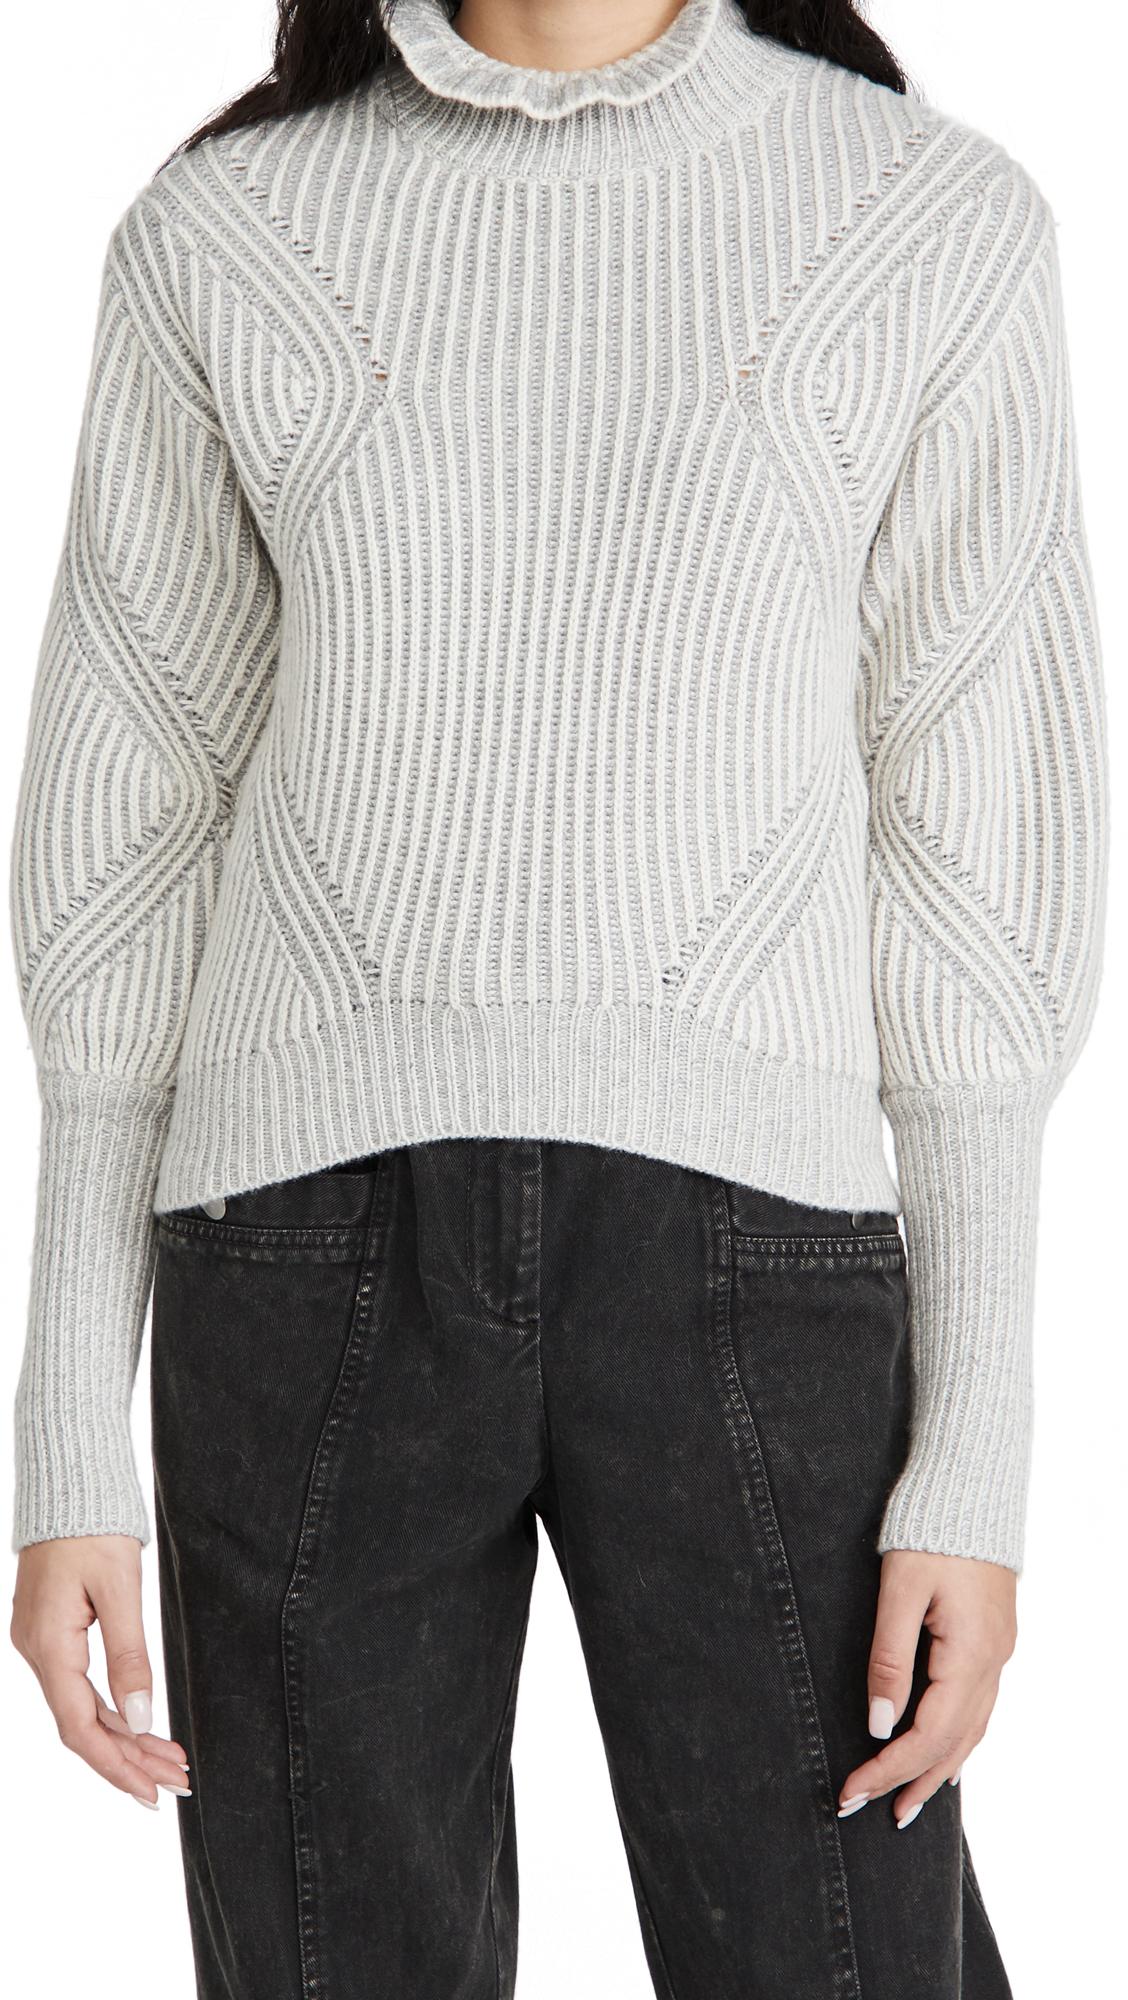 Veronica Beard Rebi Sweater